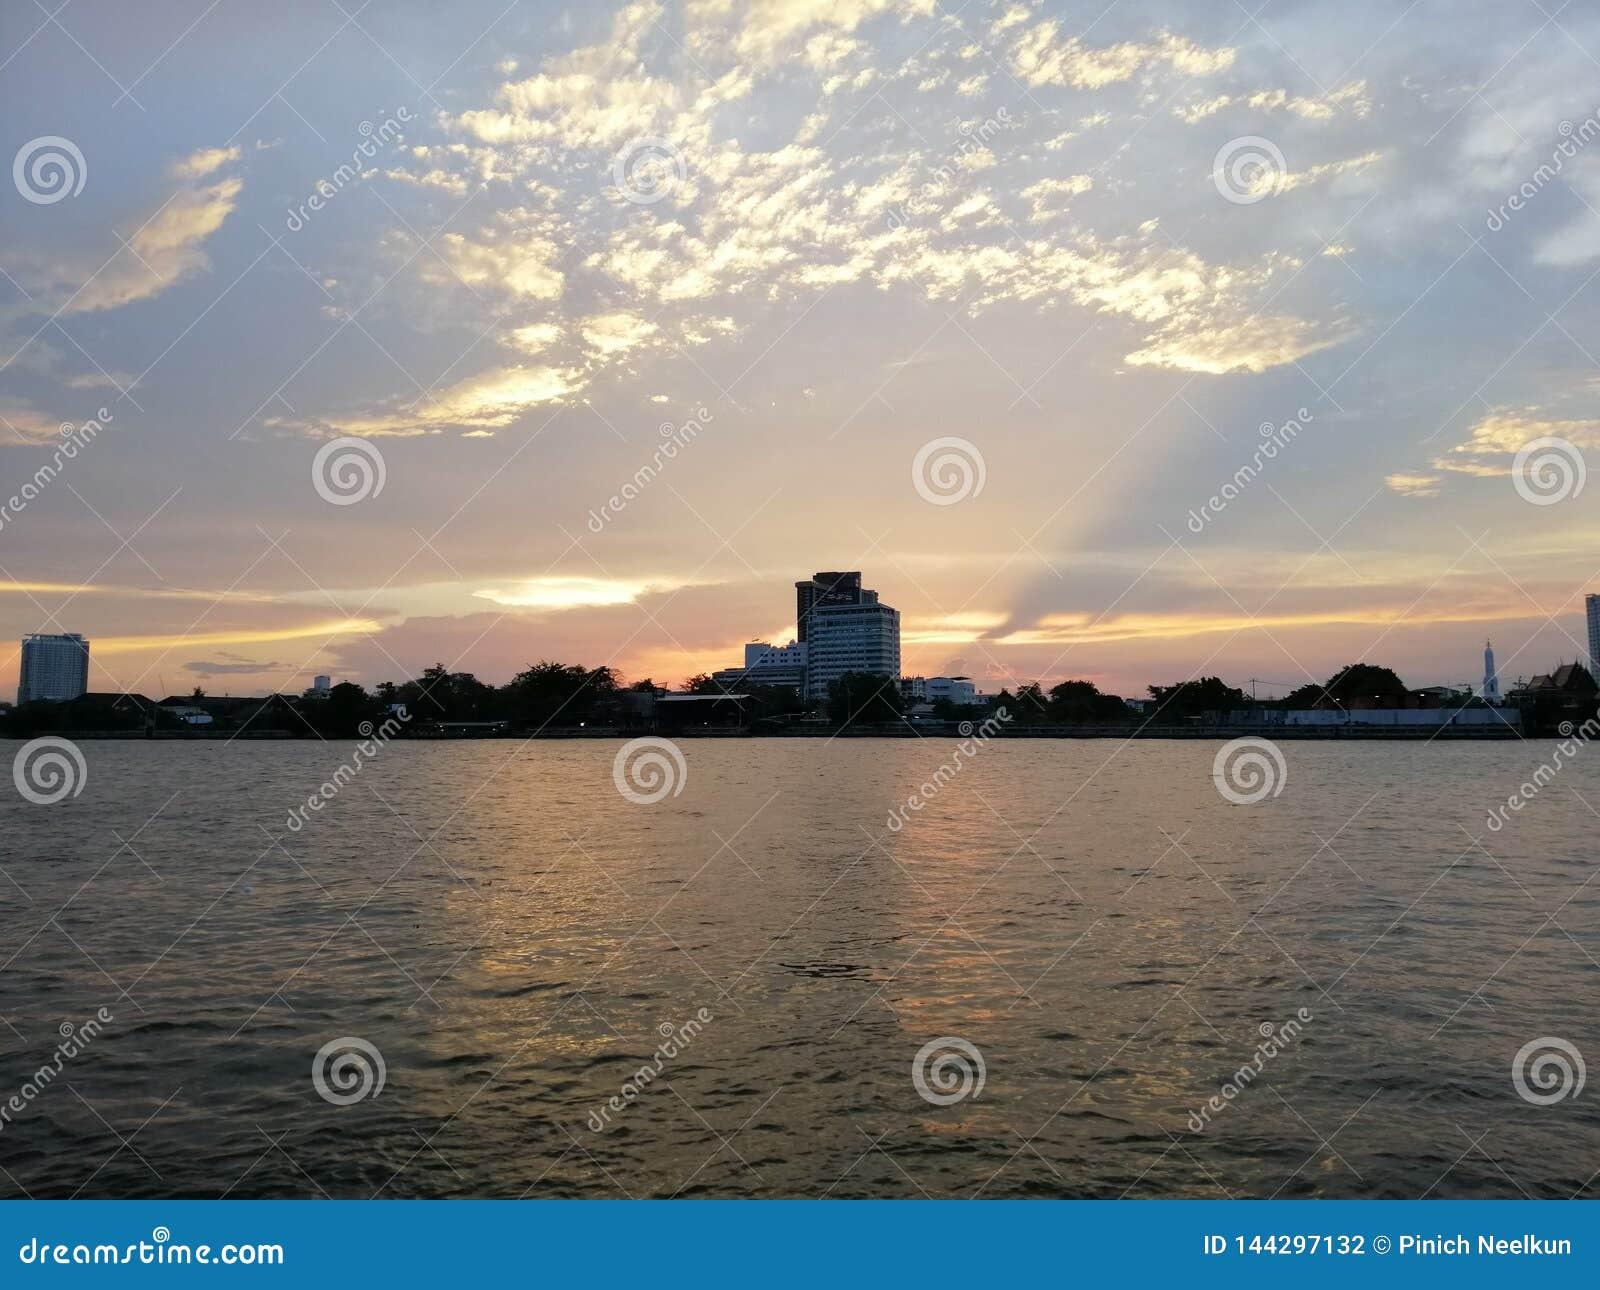 Τα σύνολα ήλιων στις όχθεις του ποταμού Chao Phraya - Wat Kretkrai, Μπανγκόκ-Ταϊλάνδη